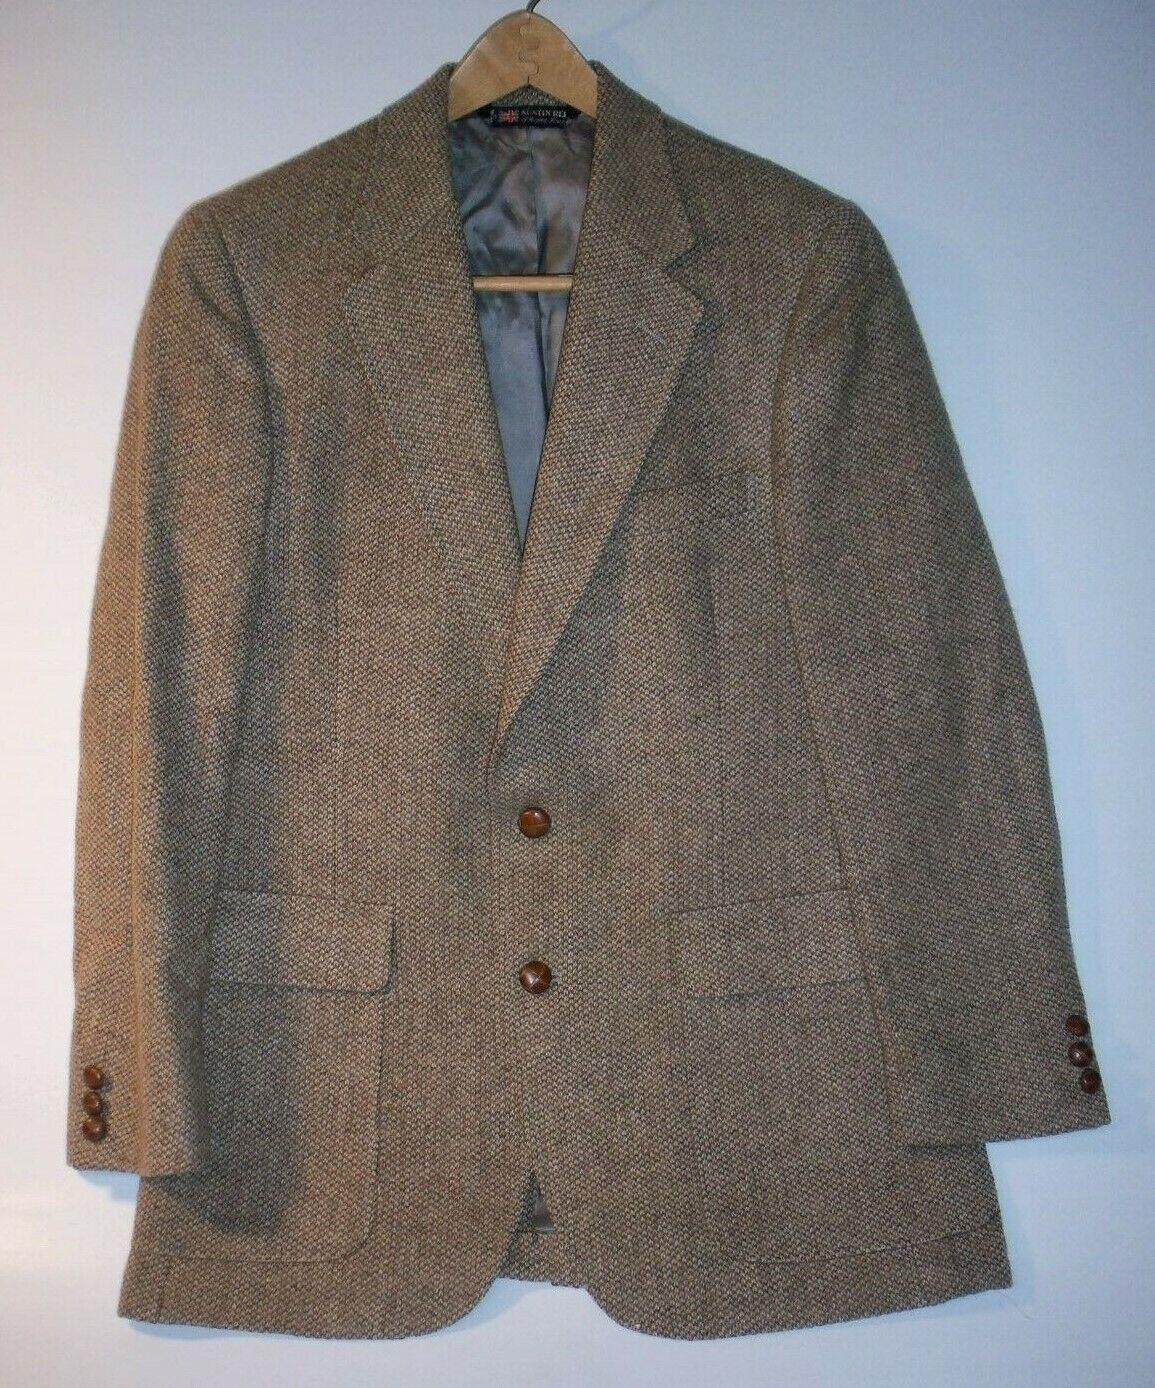 Kupit Austin Reed Of Regent St Wool Blend Brown Na Aukcion Iz Ameriki S Dostavkoj V Rossiyu Ukrainu Kazahstan